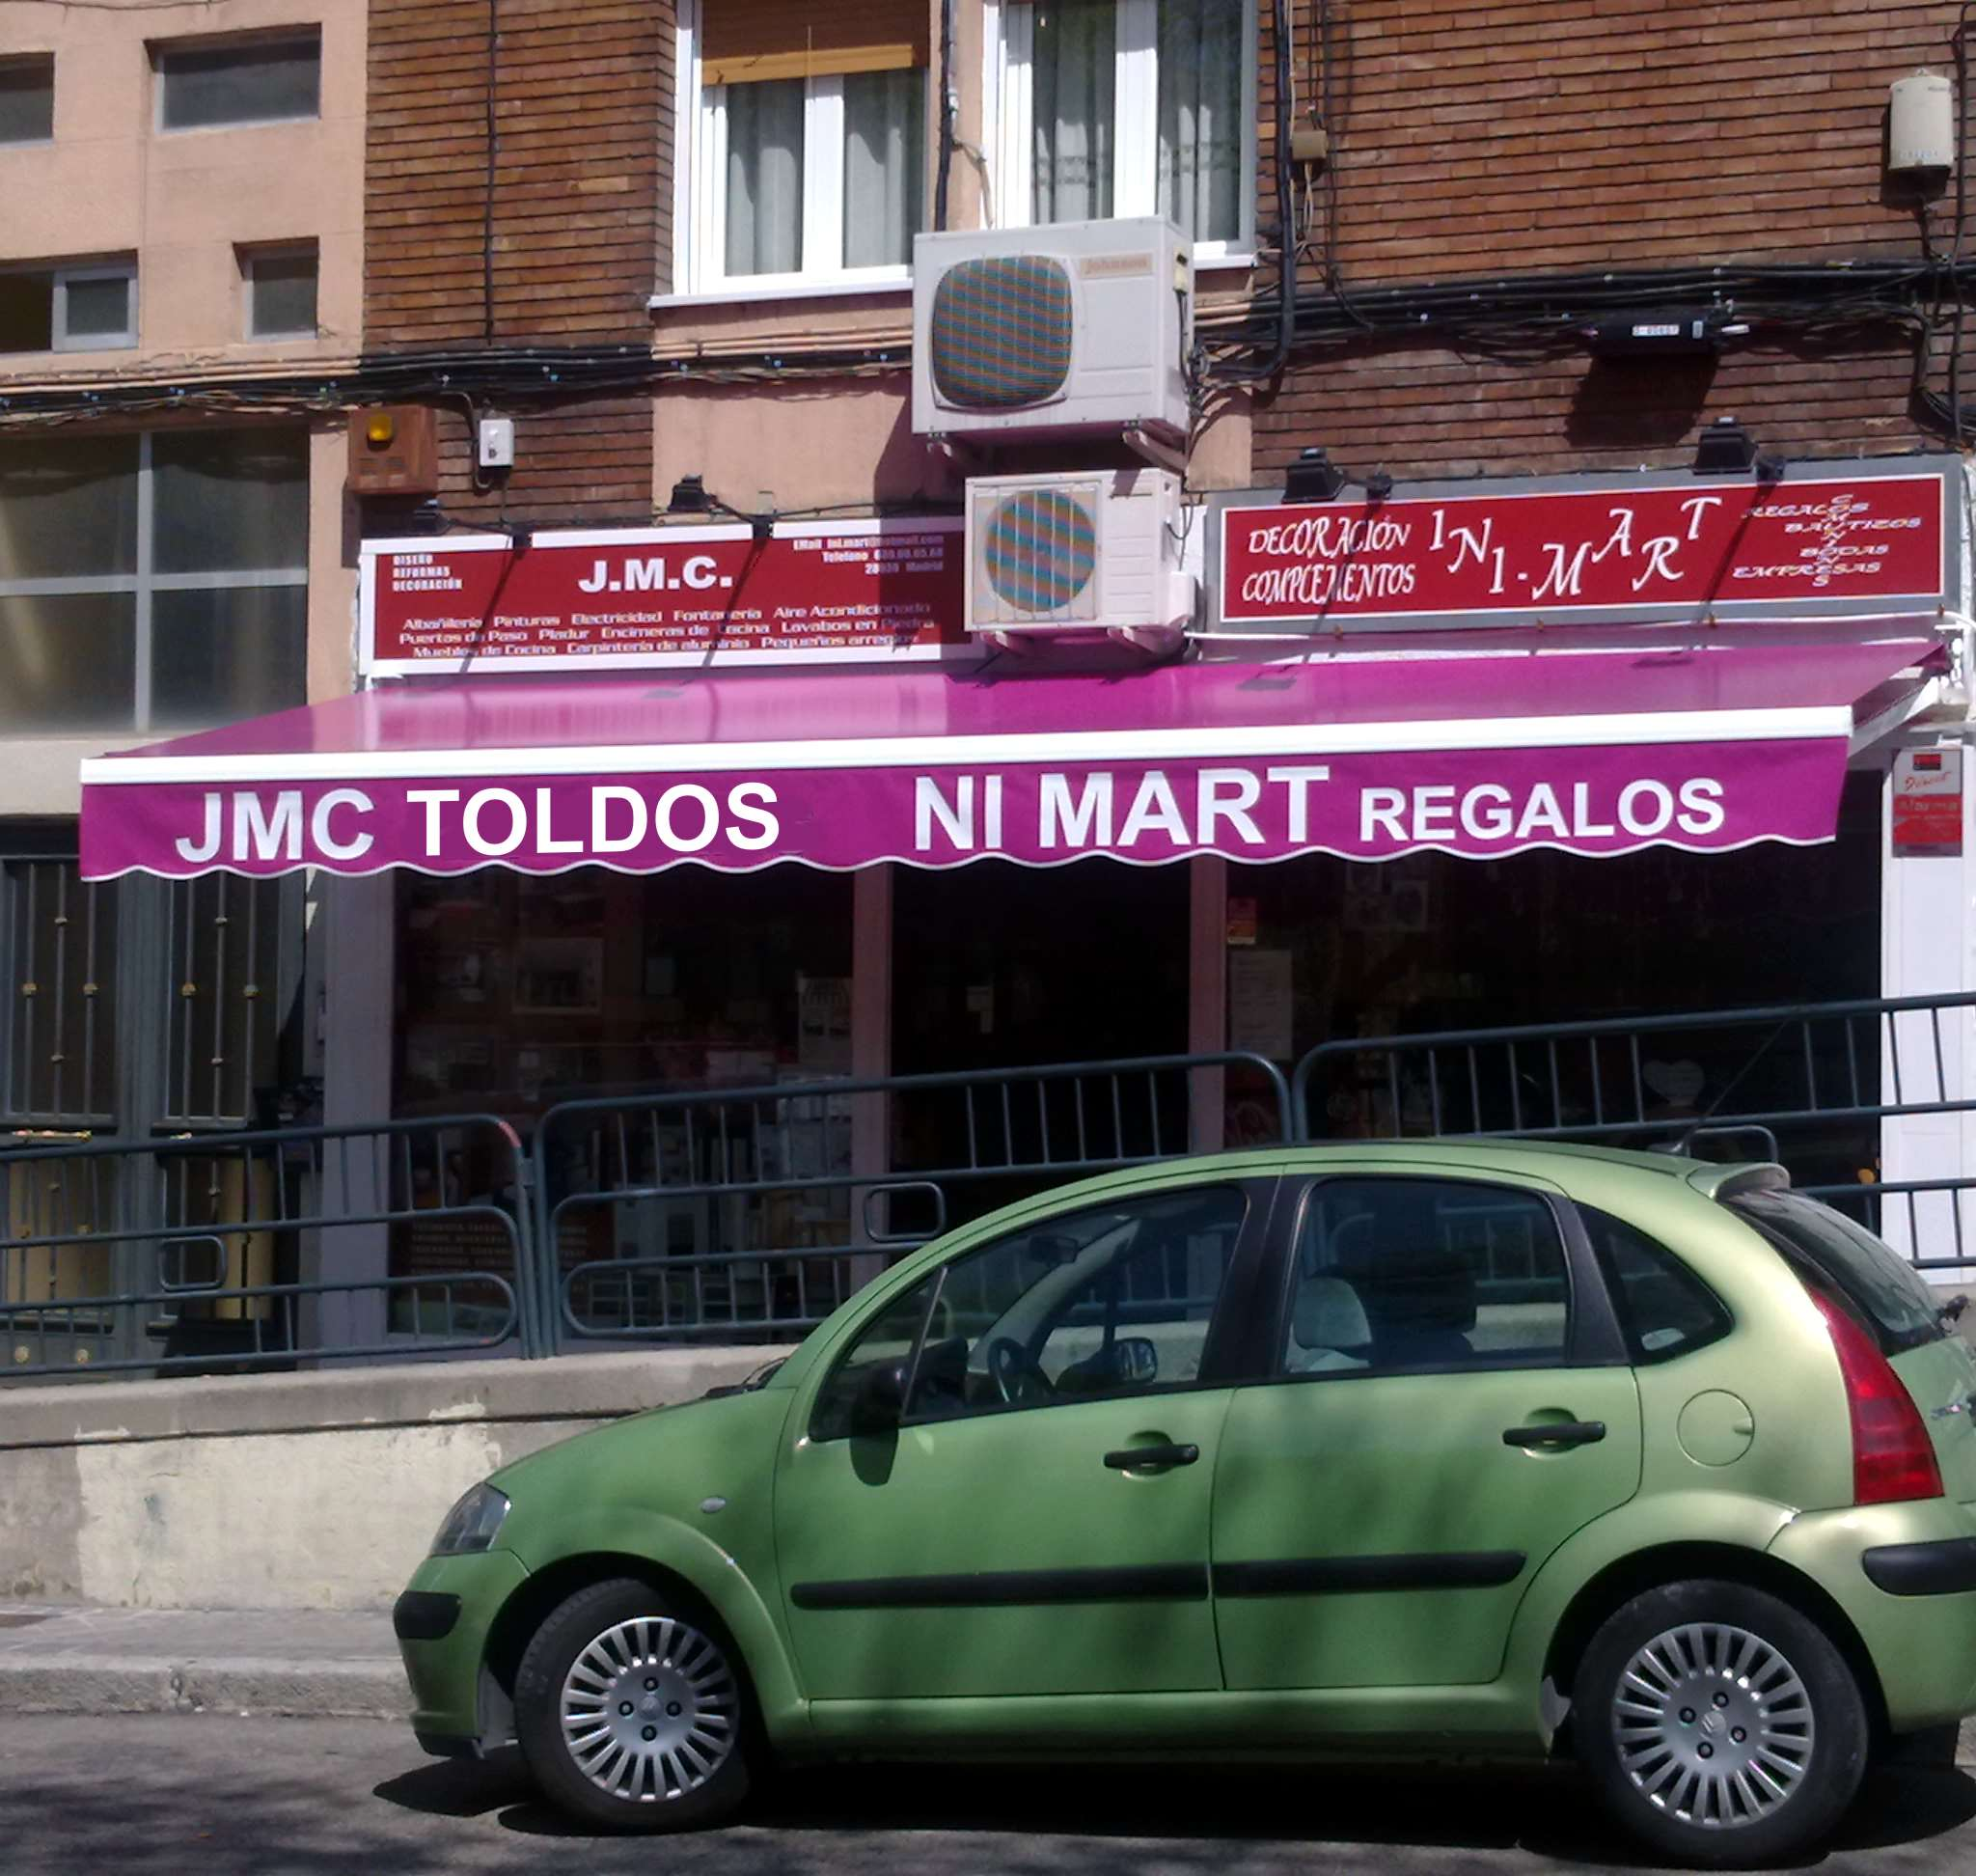 Tienda de toldos en Villanueva de la Cañada (Madrid)